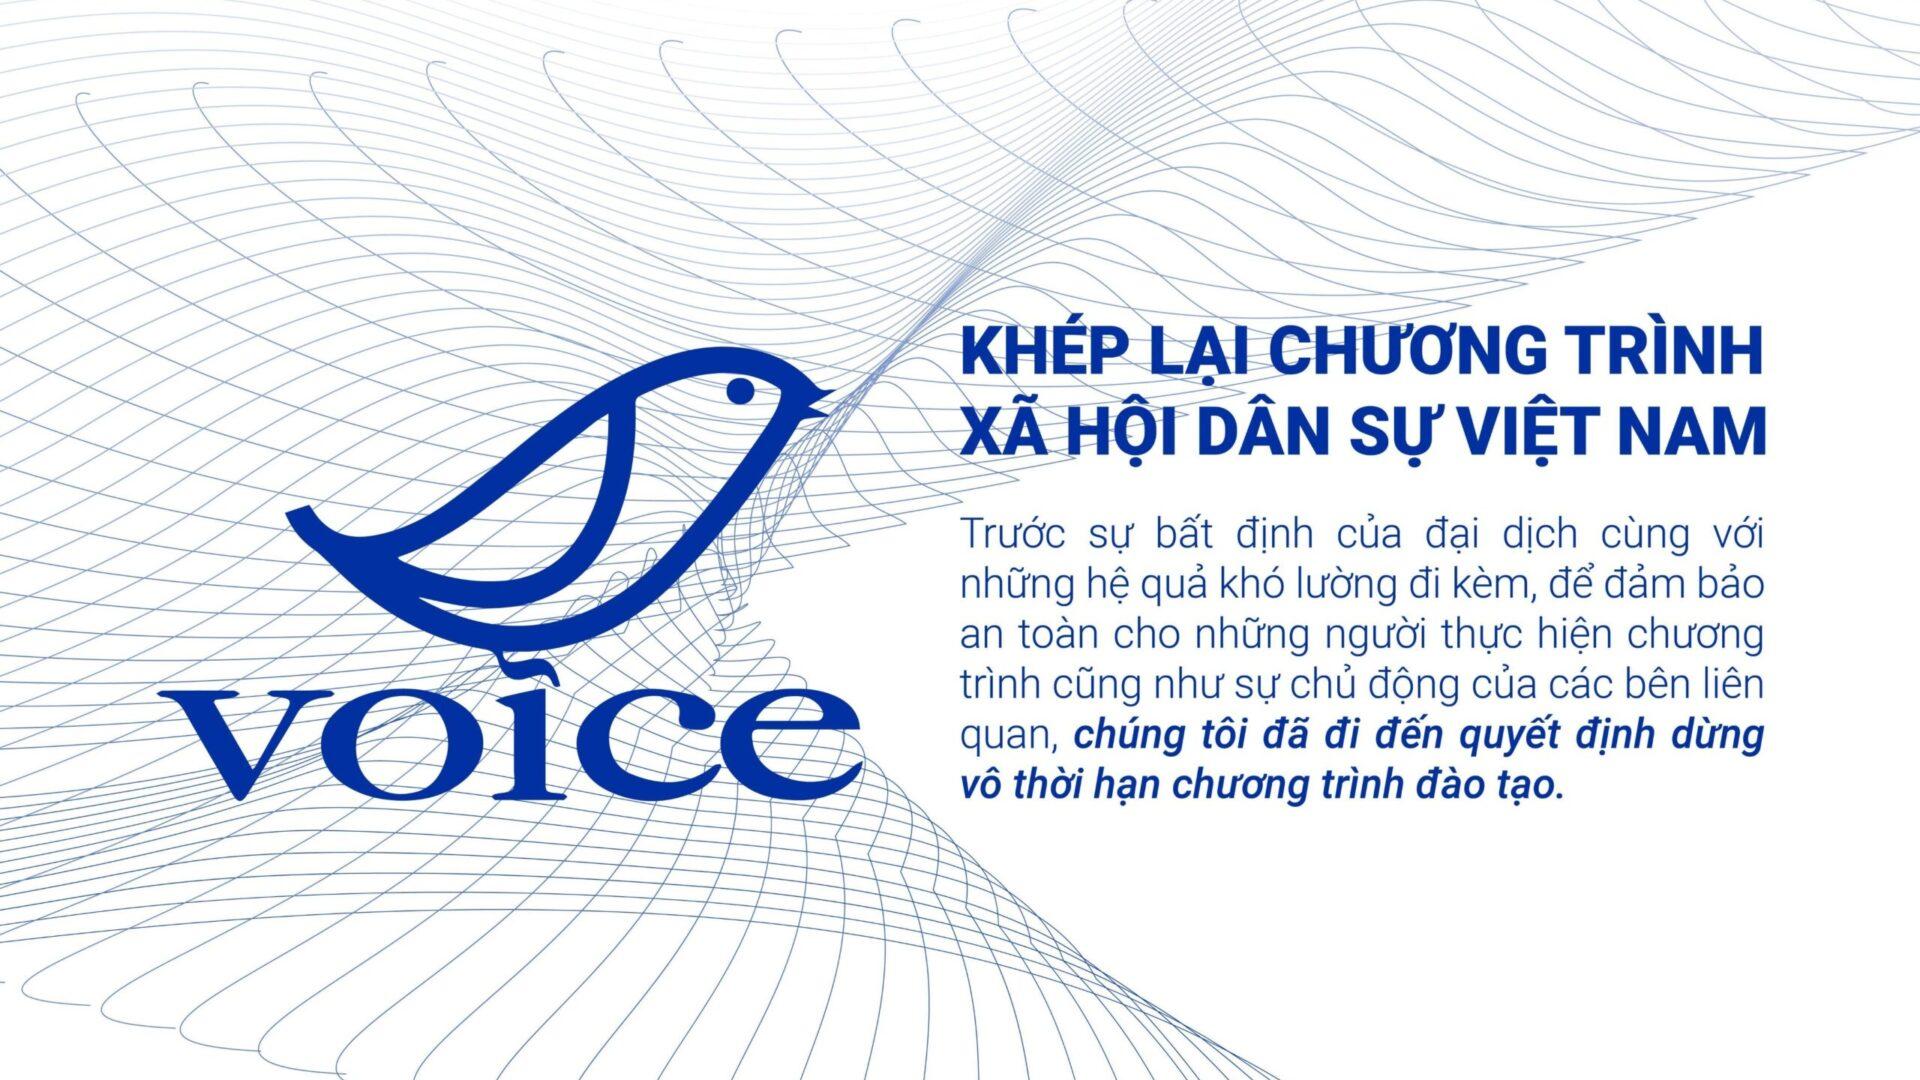 VOICE: Khép lại chương trình Xã hội Dân sự Việt Nam